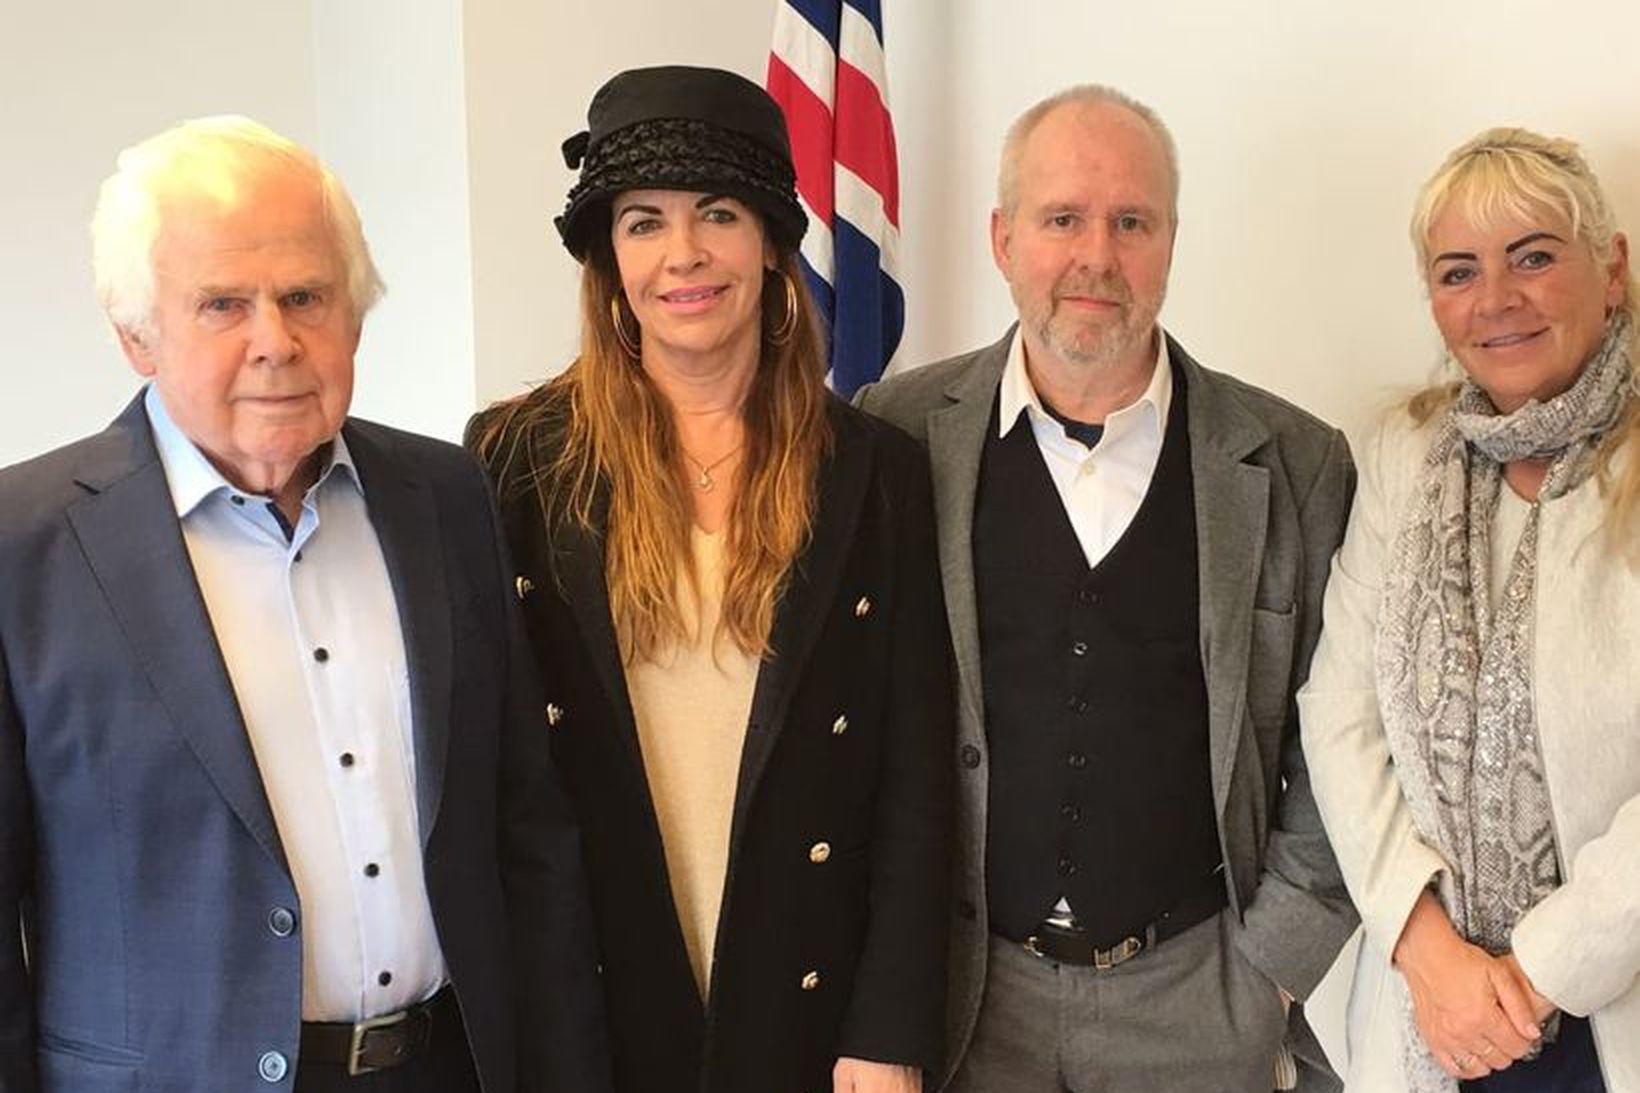 Gunnar Gunnlaugsson, Harpa Karlsdóttir, Gunnar Gunnarsson og Sigrún Björg Bragadóttir.